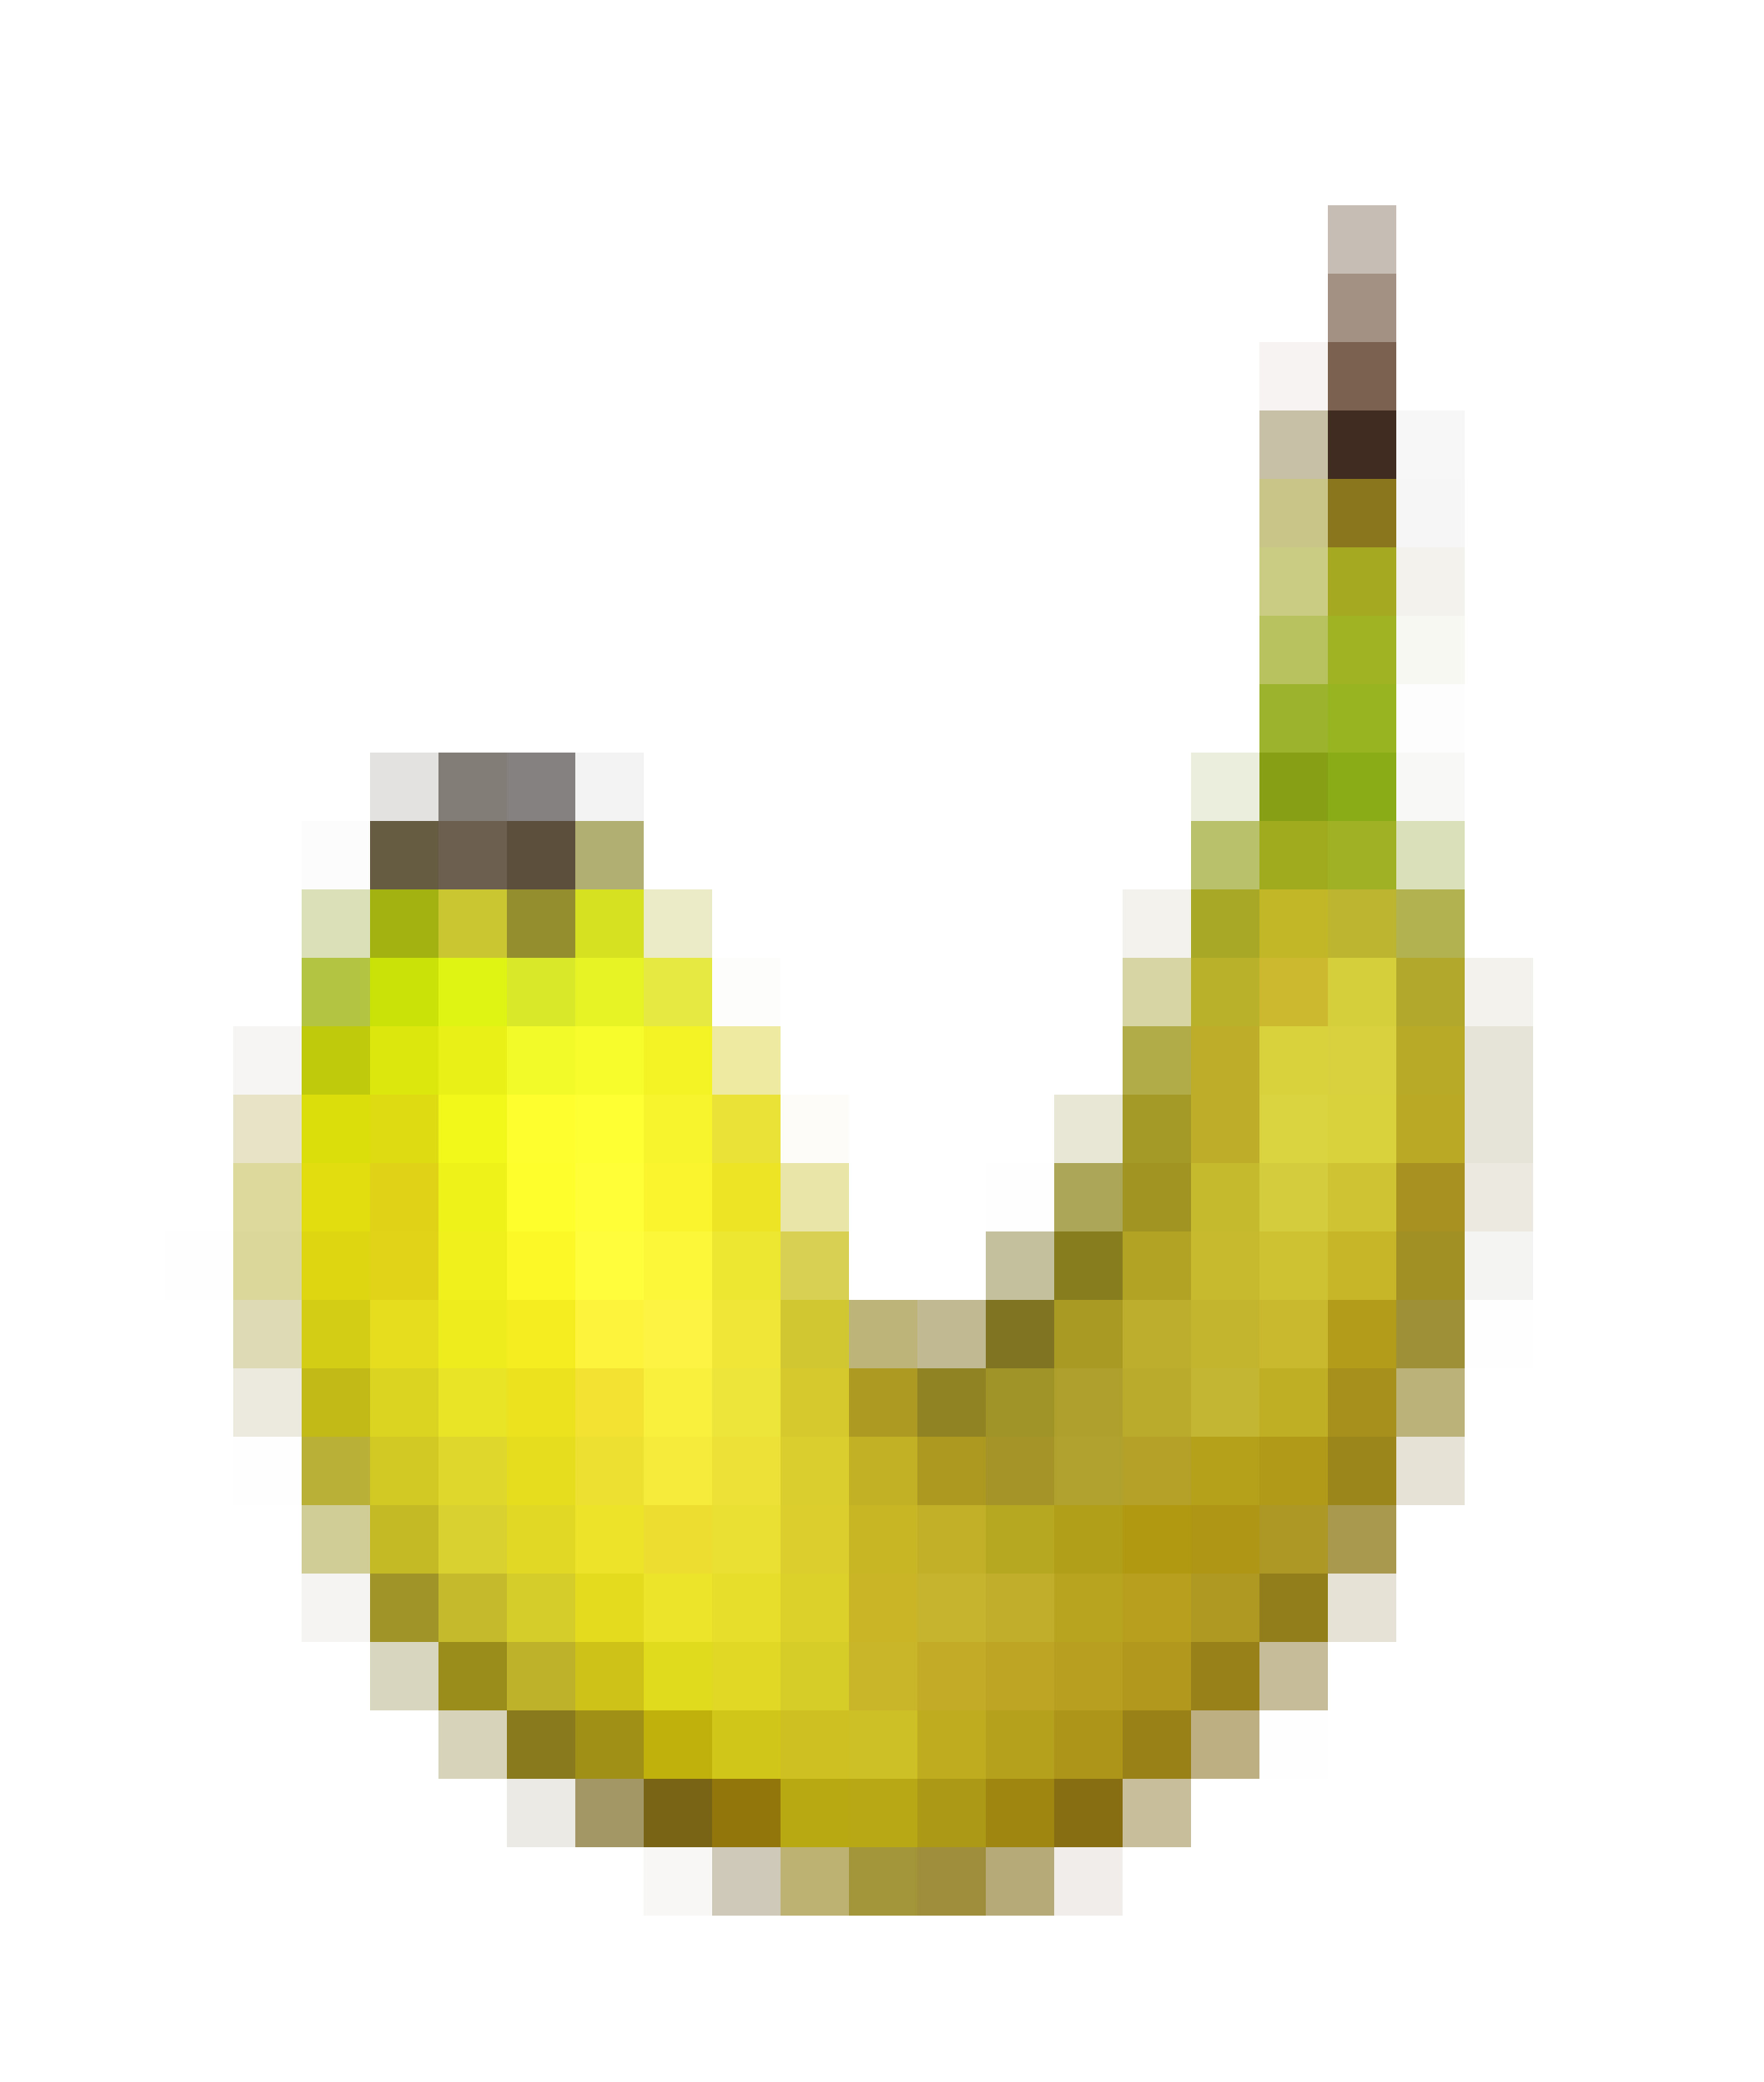 Banana mosaic